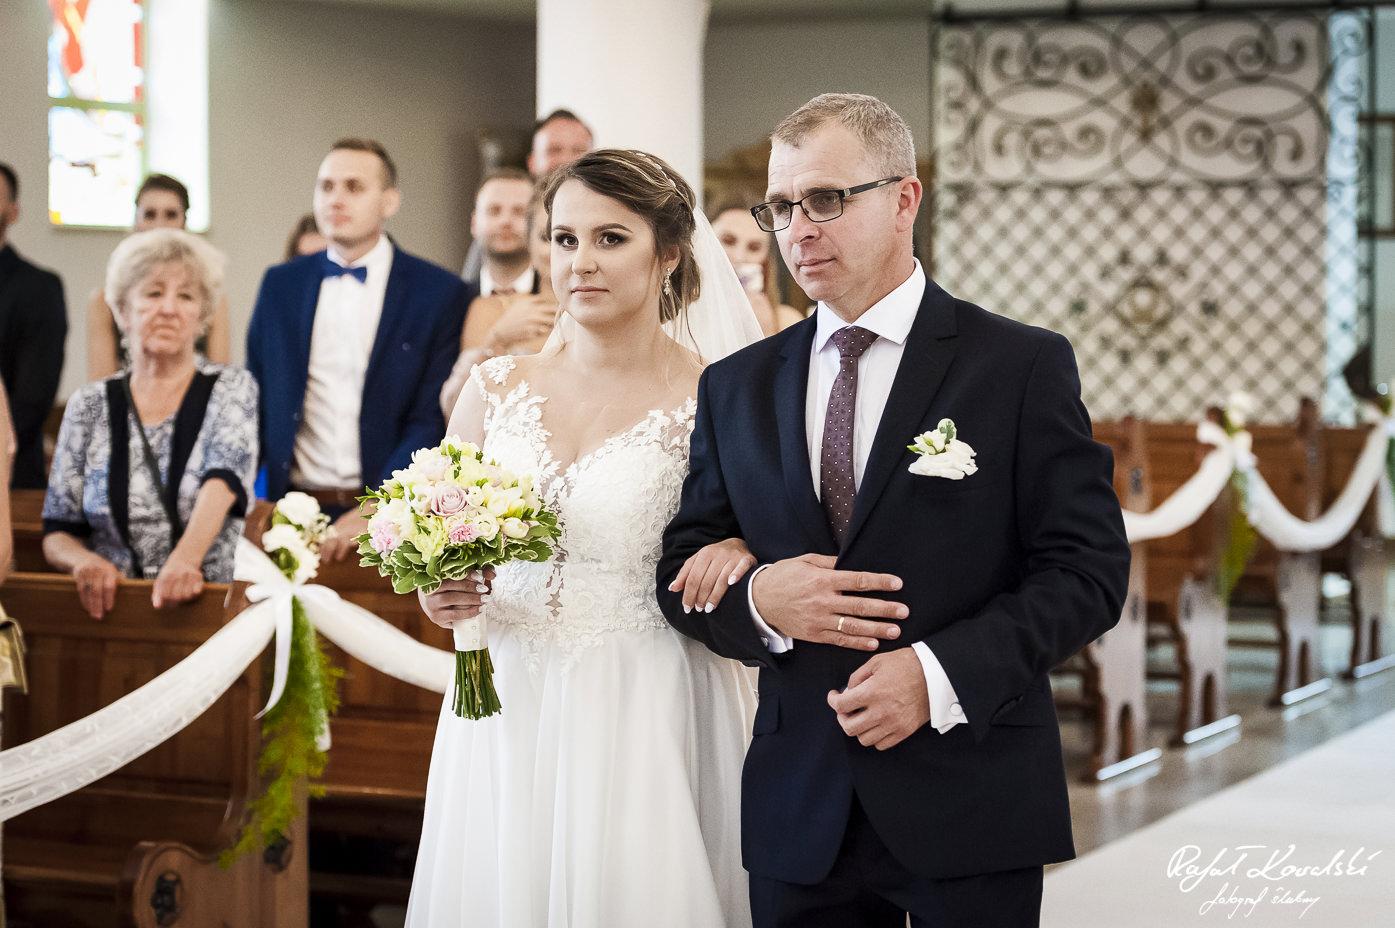 fotografia ślubna gdańsk - fotograf Ślubny Rafał Kowalski